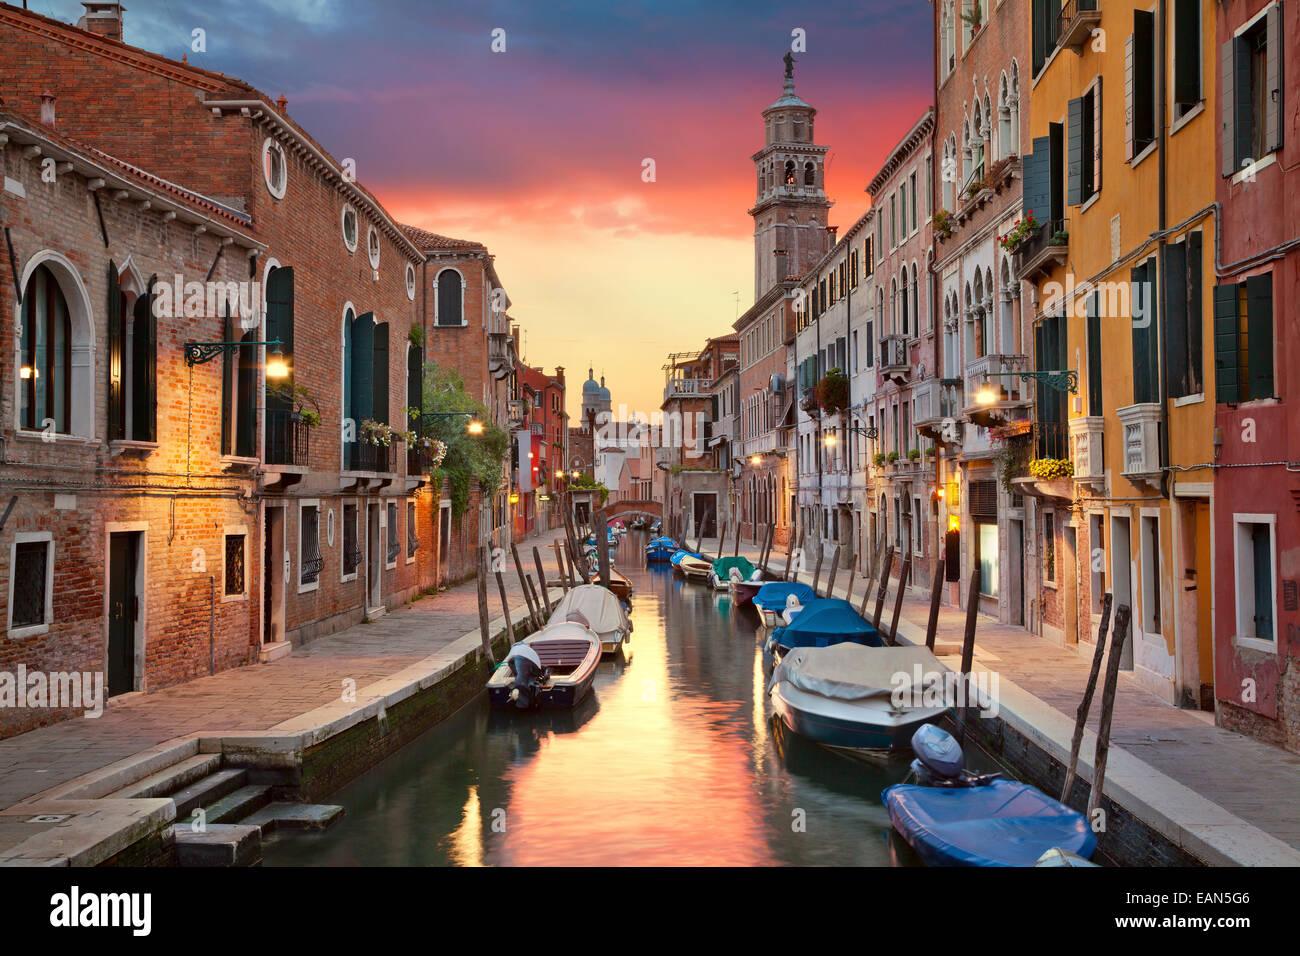 Uno de los muchos canales angostos en Venecia durante el hermoso atardecer. Imagen De Stock